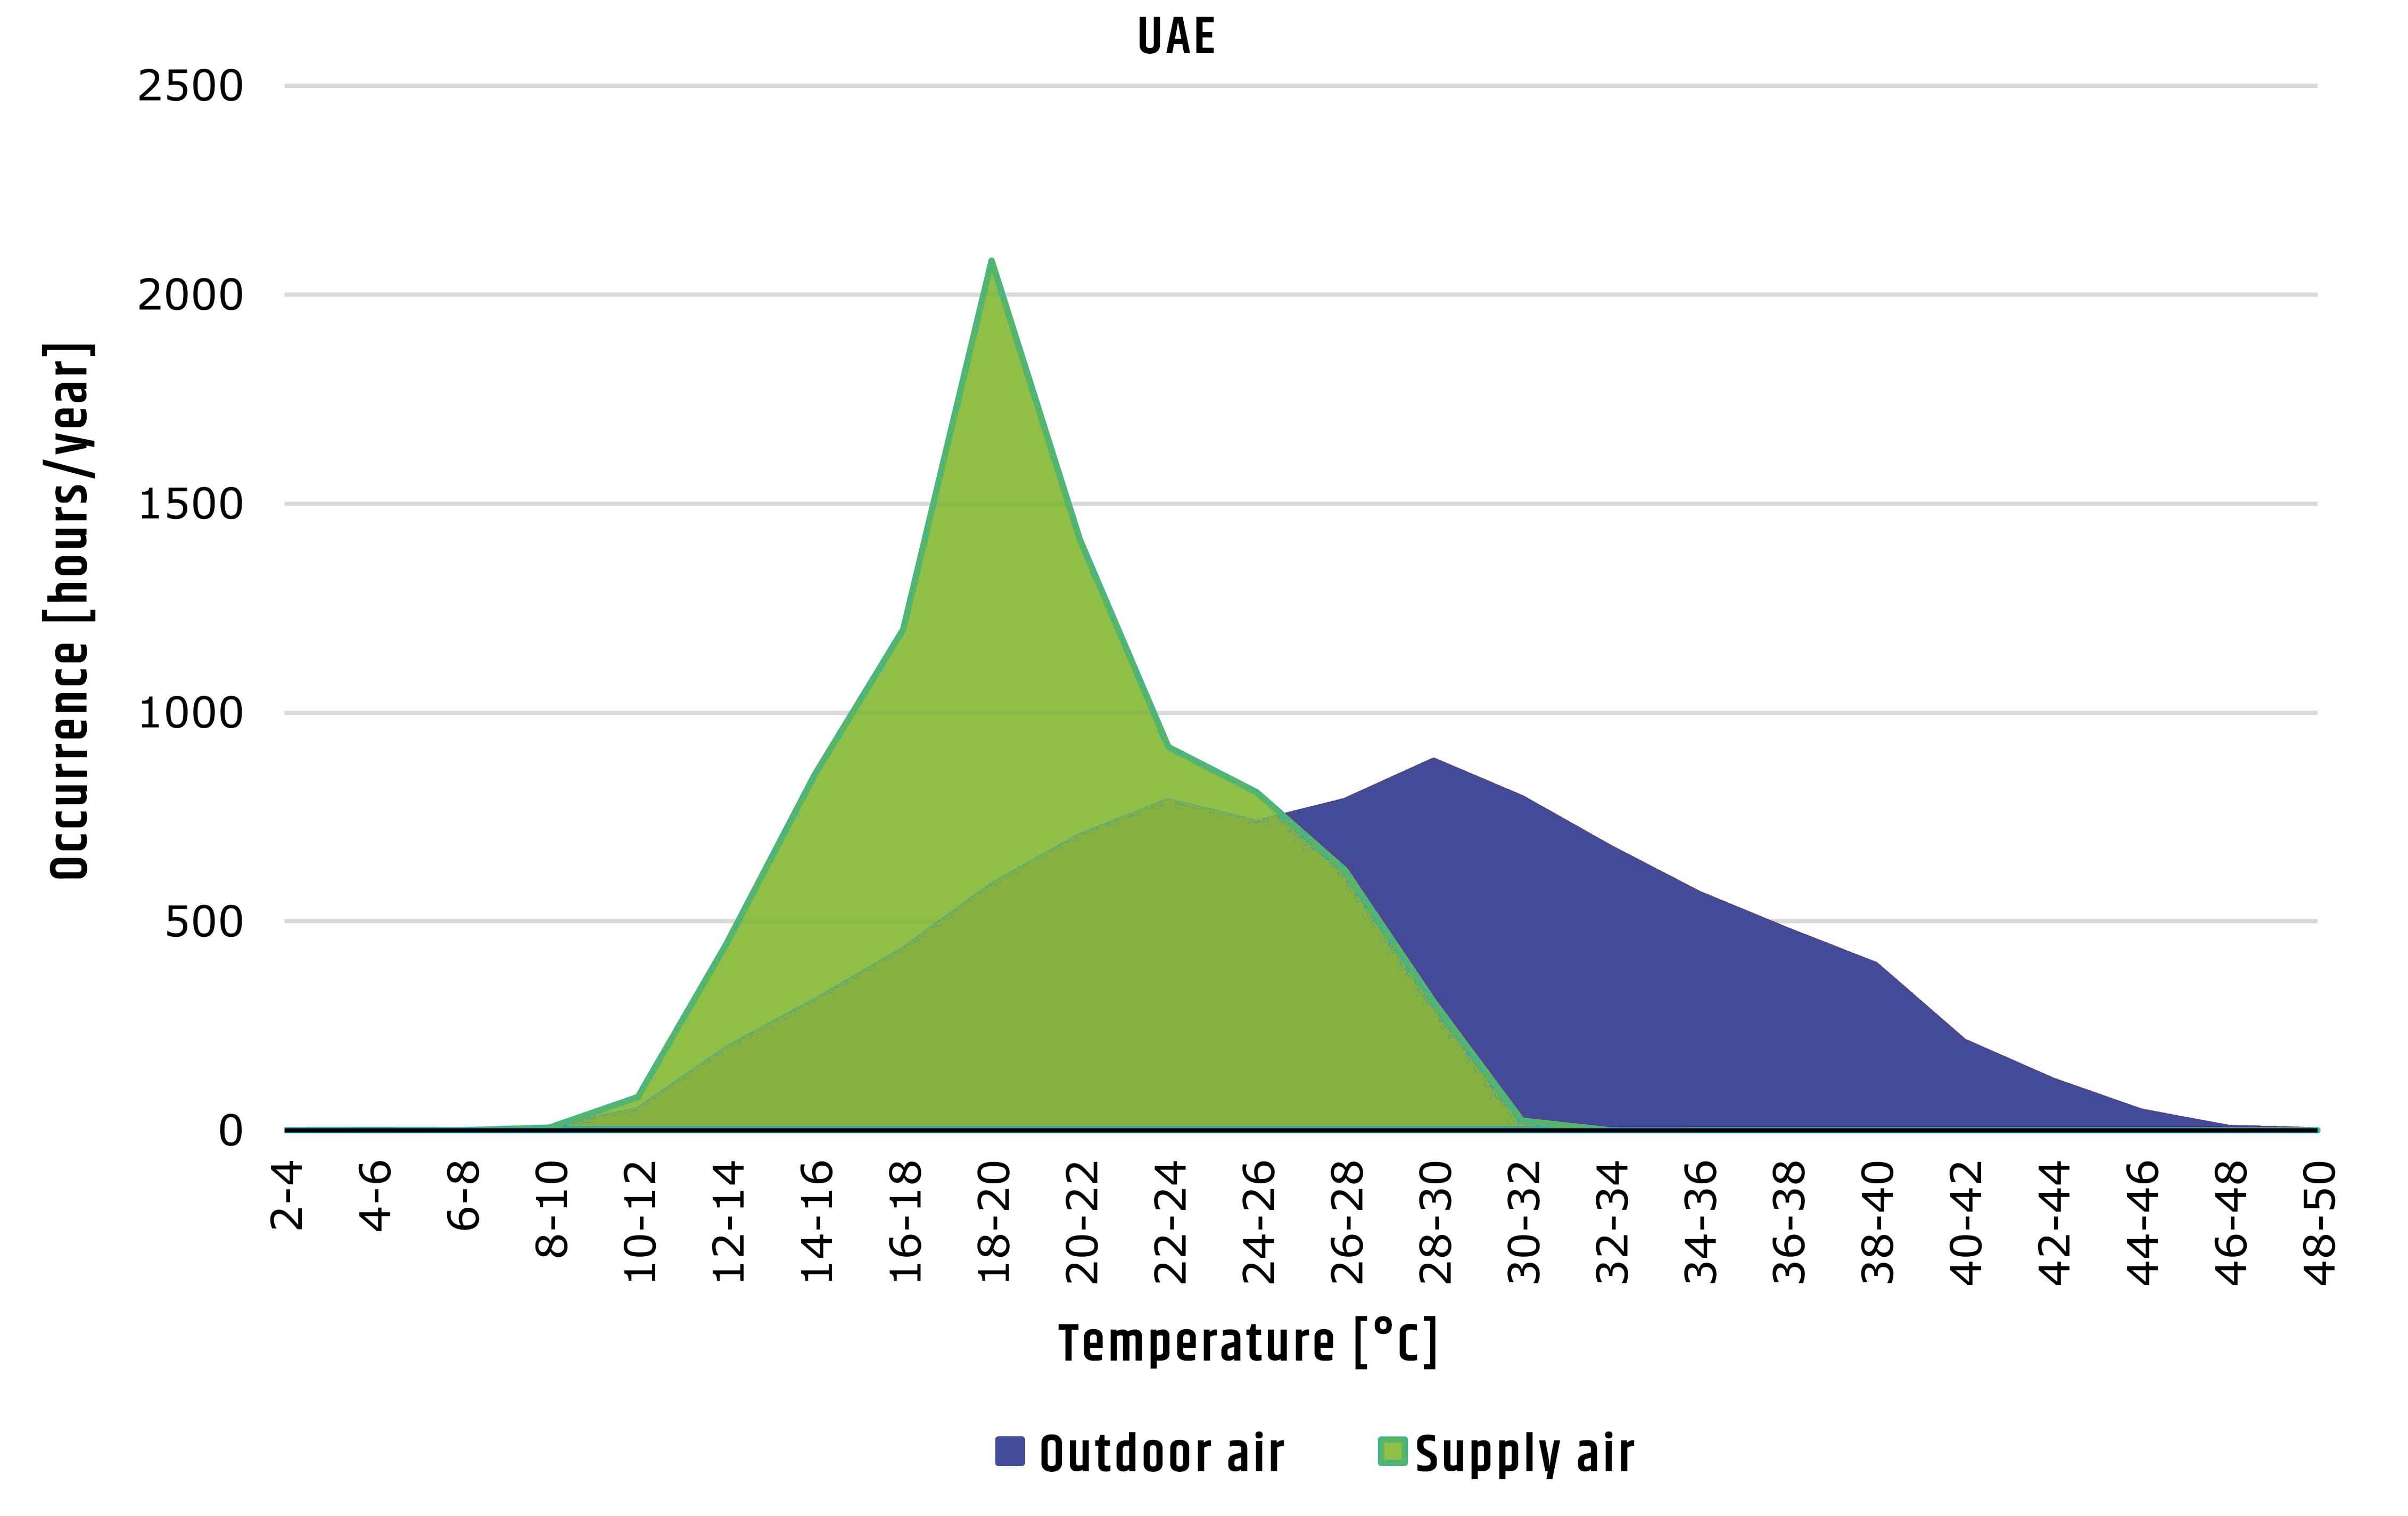 Performanc evaporative cooling UAE